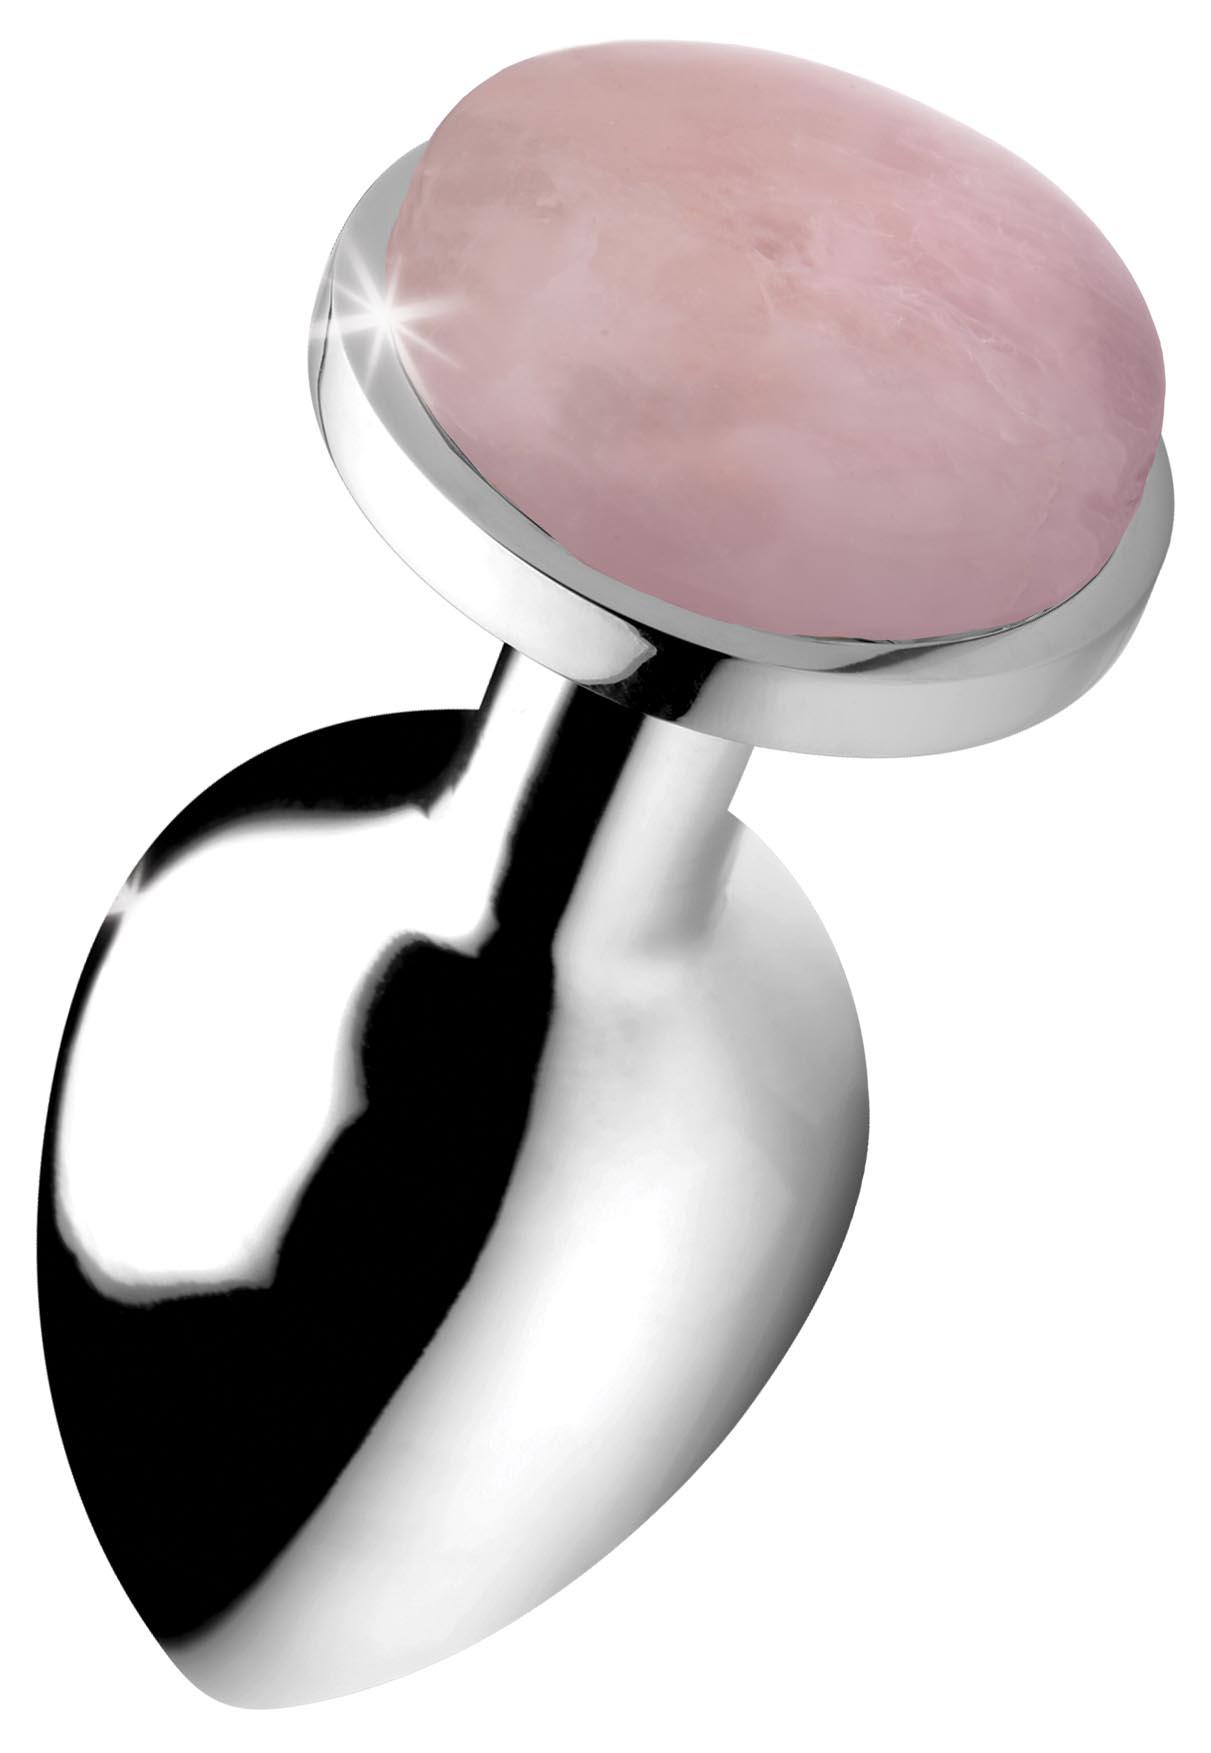 Authentic Rose Quartz Gemstone Anal Plug – Large